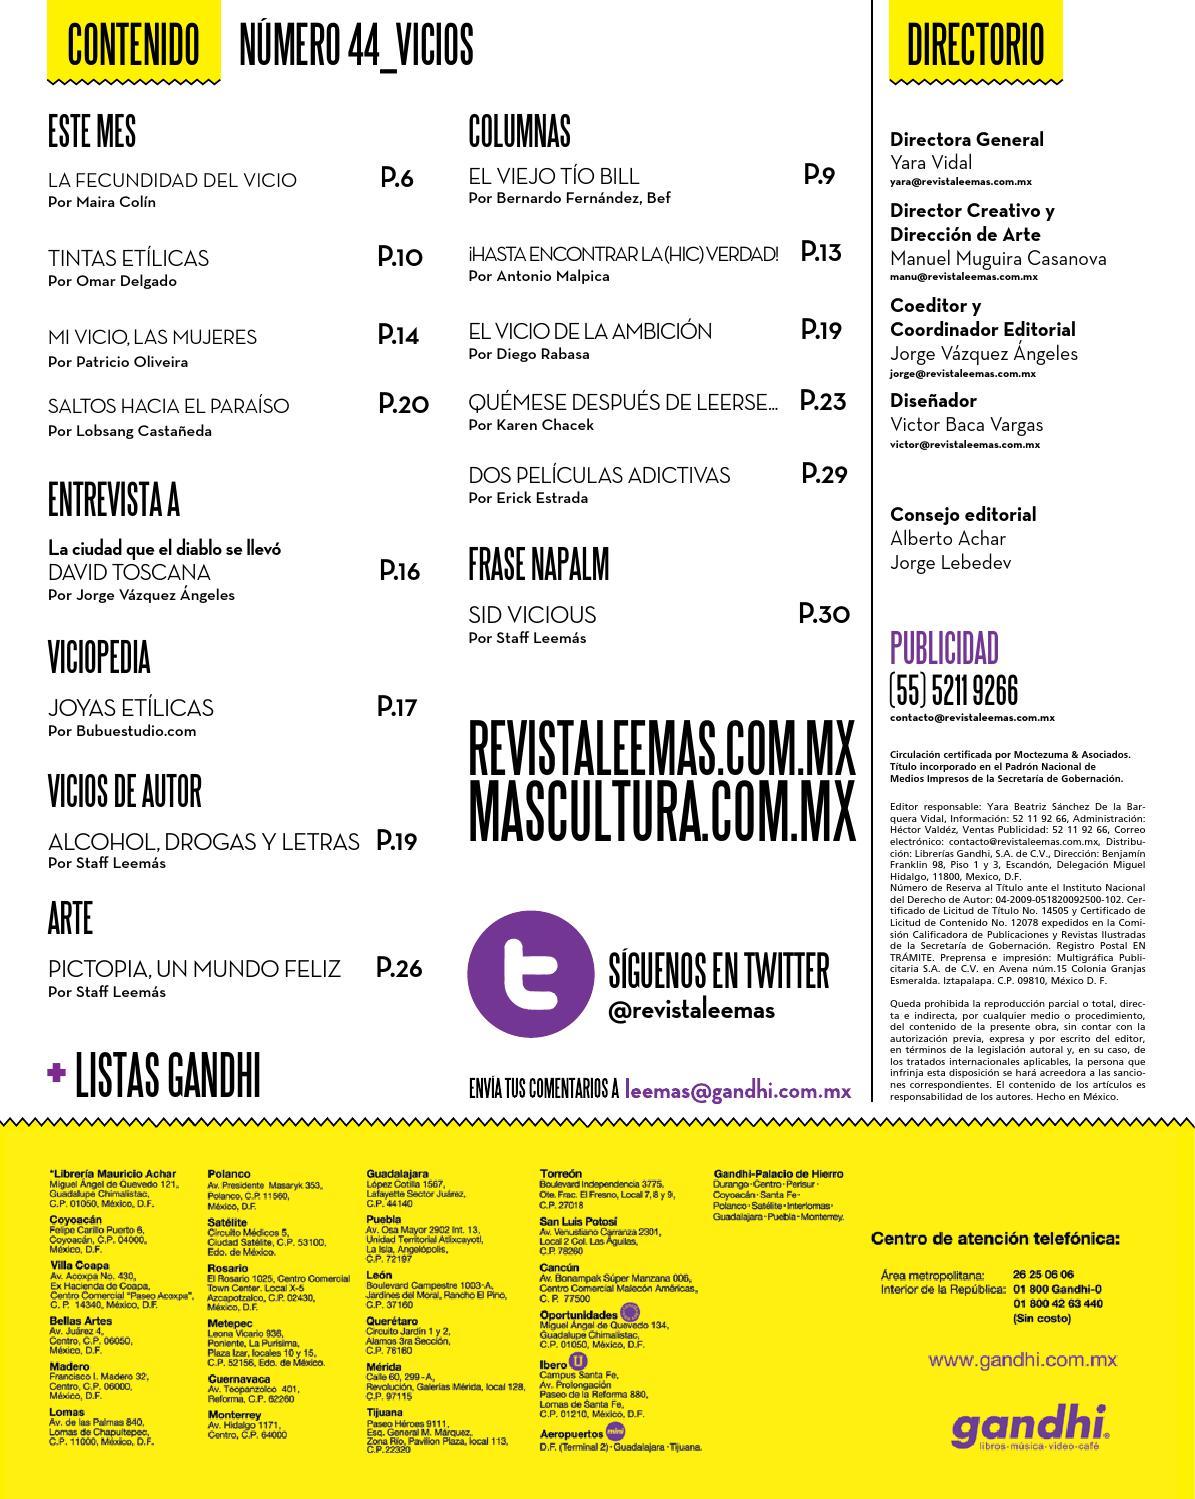 b487db78a 44_Vicios by Revista Lee+ de Librerías Gandhi - issuu